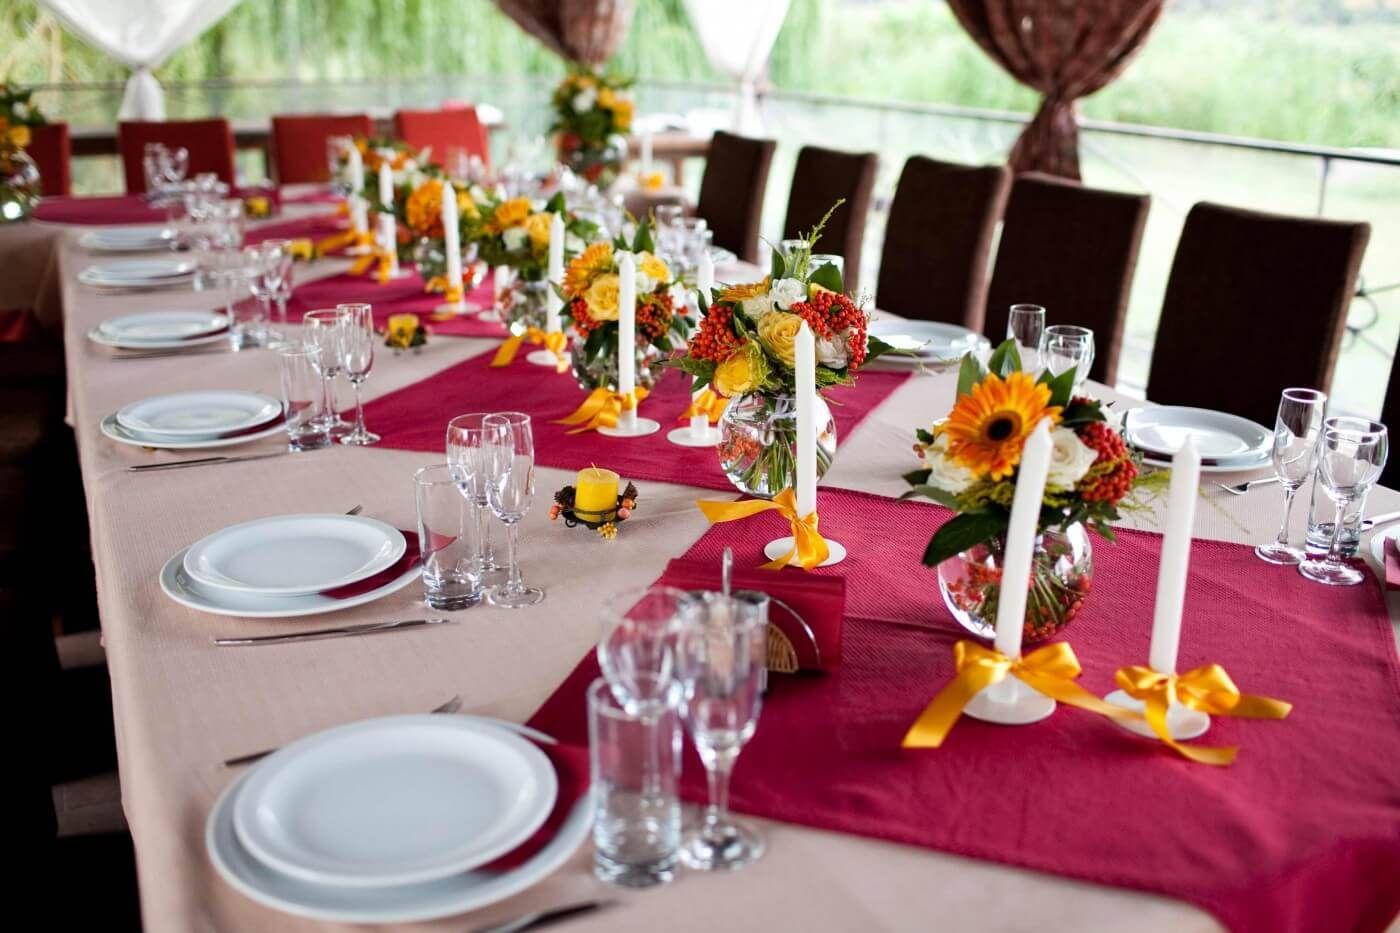 Ideen Fur Tischdeko Zur Hochzeit Bildergalerie Wedding